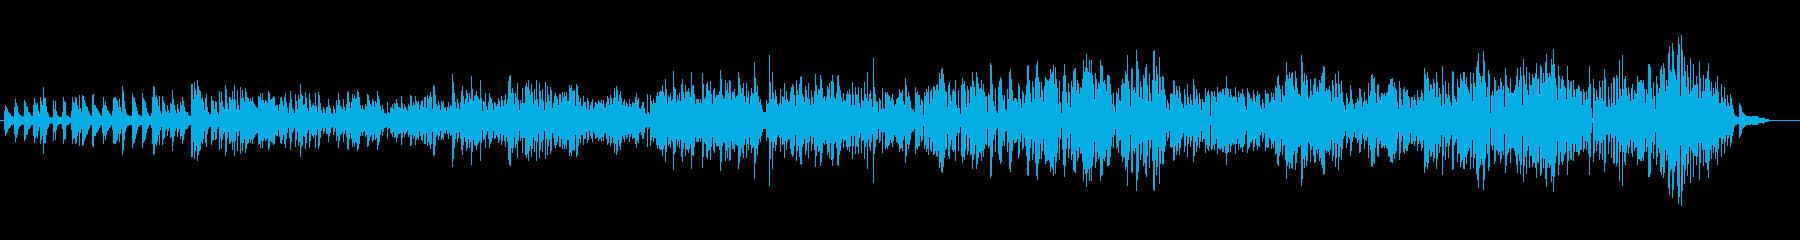 清々しく軽やかな生ピアノソロの再生済みの波形